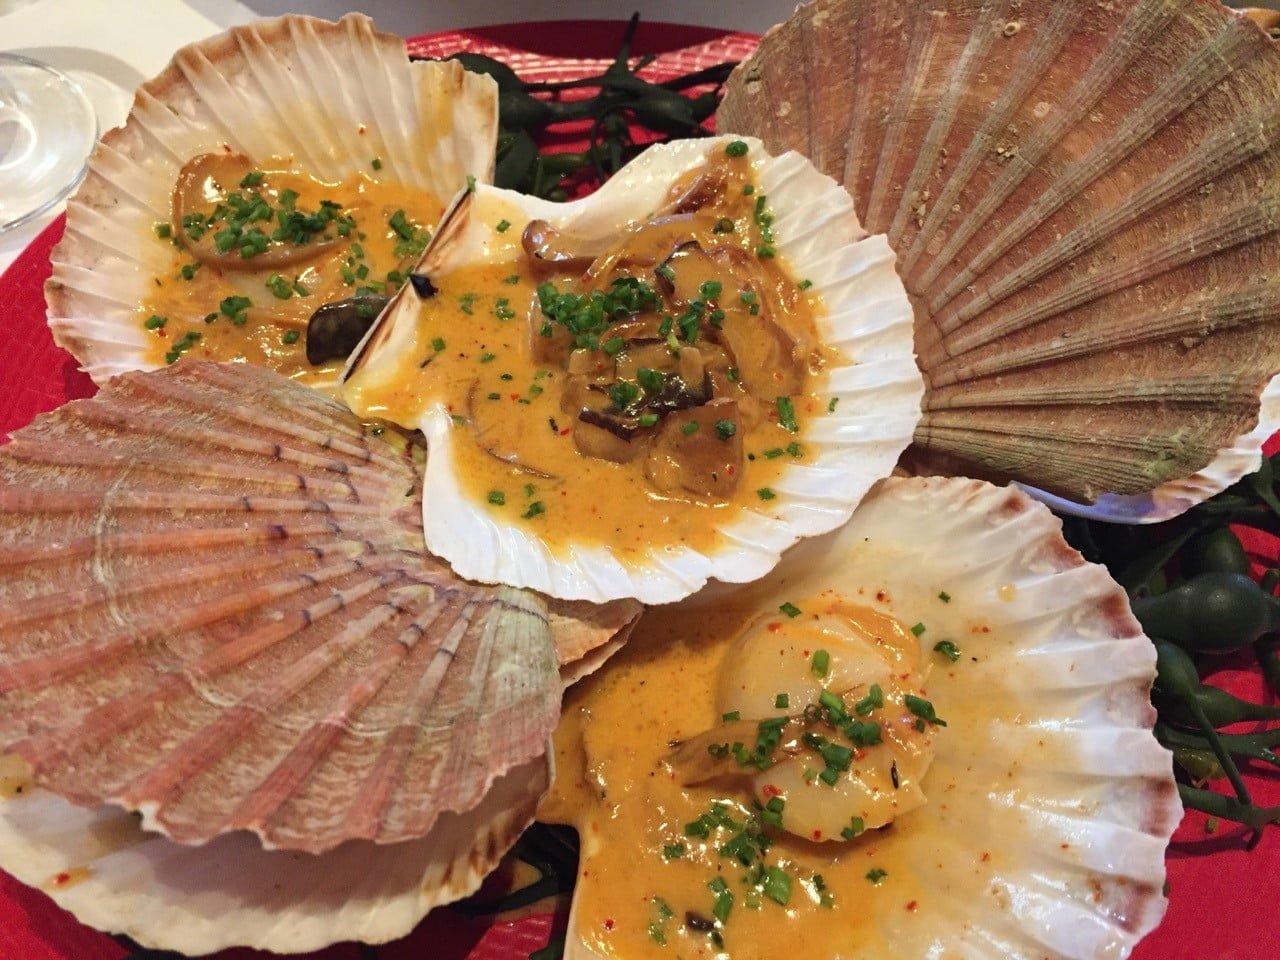 Les coquilles saint-jacques d'Erquy aux épices tandoori de Yoshihiko Miura au restaurant Le Dôme à Paris – Montparnasse